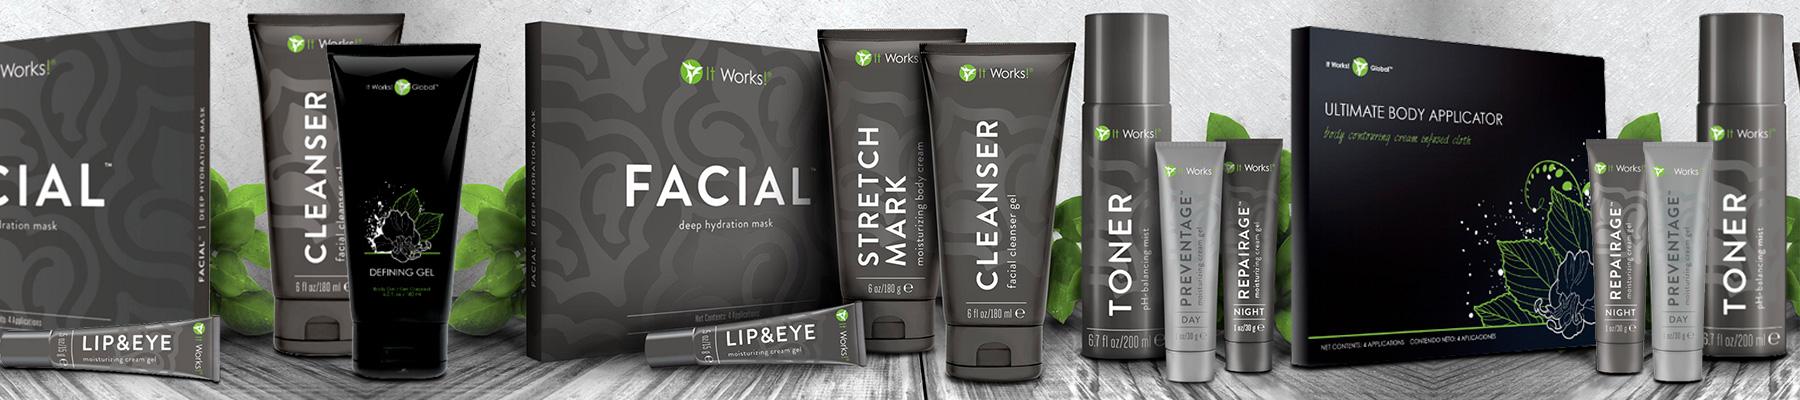 Gamme de cosmétiques It Works Global